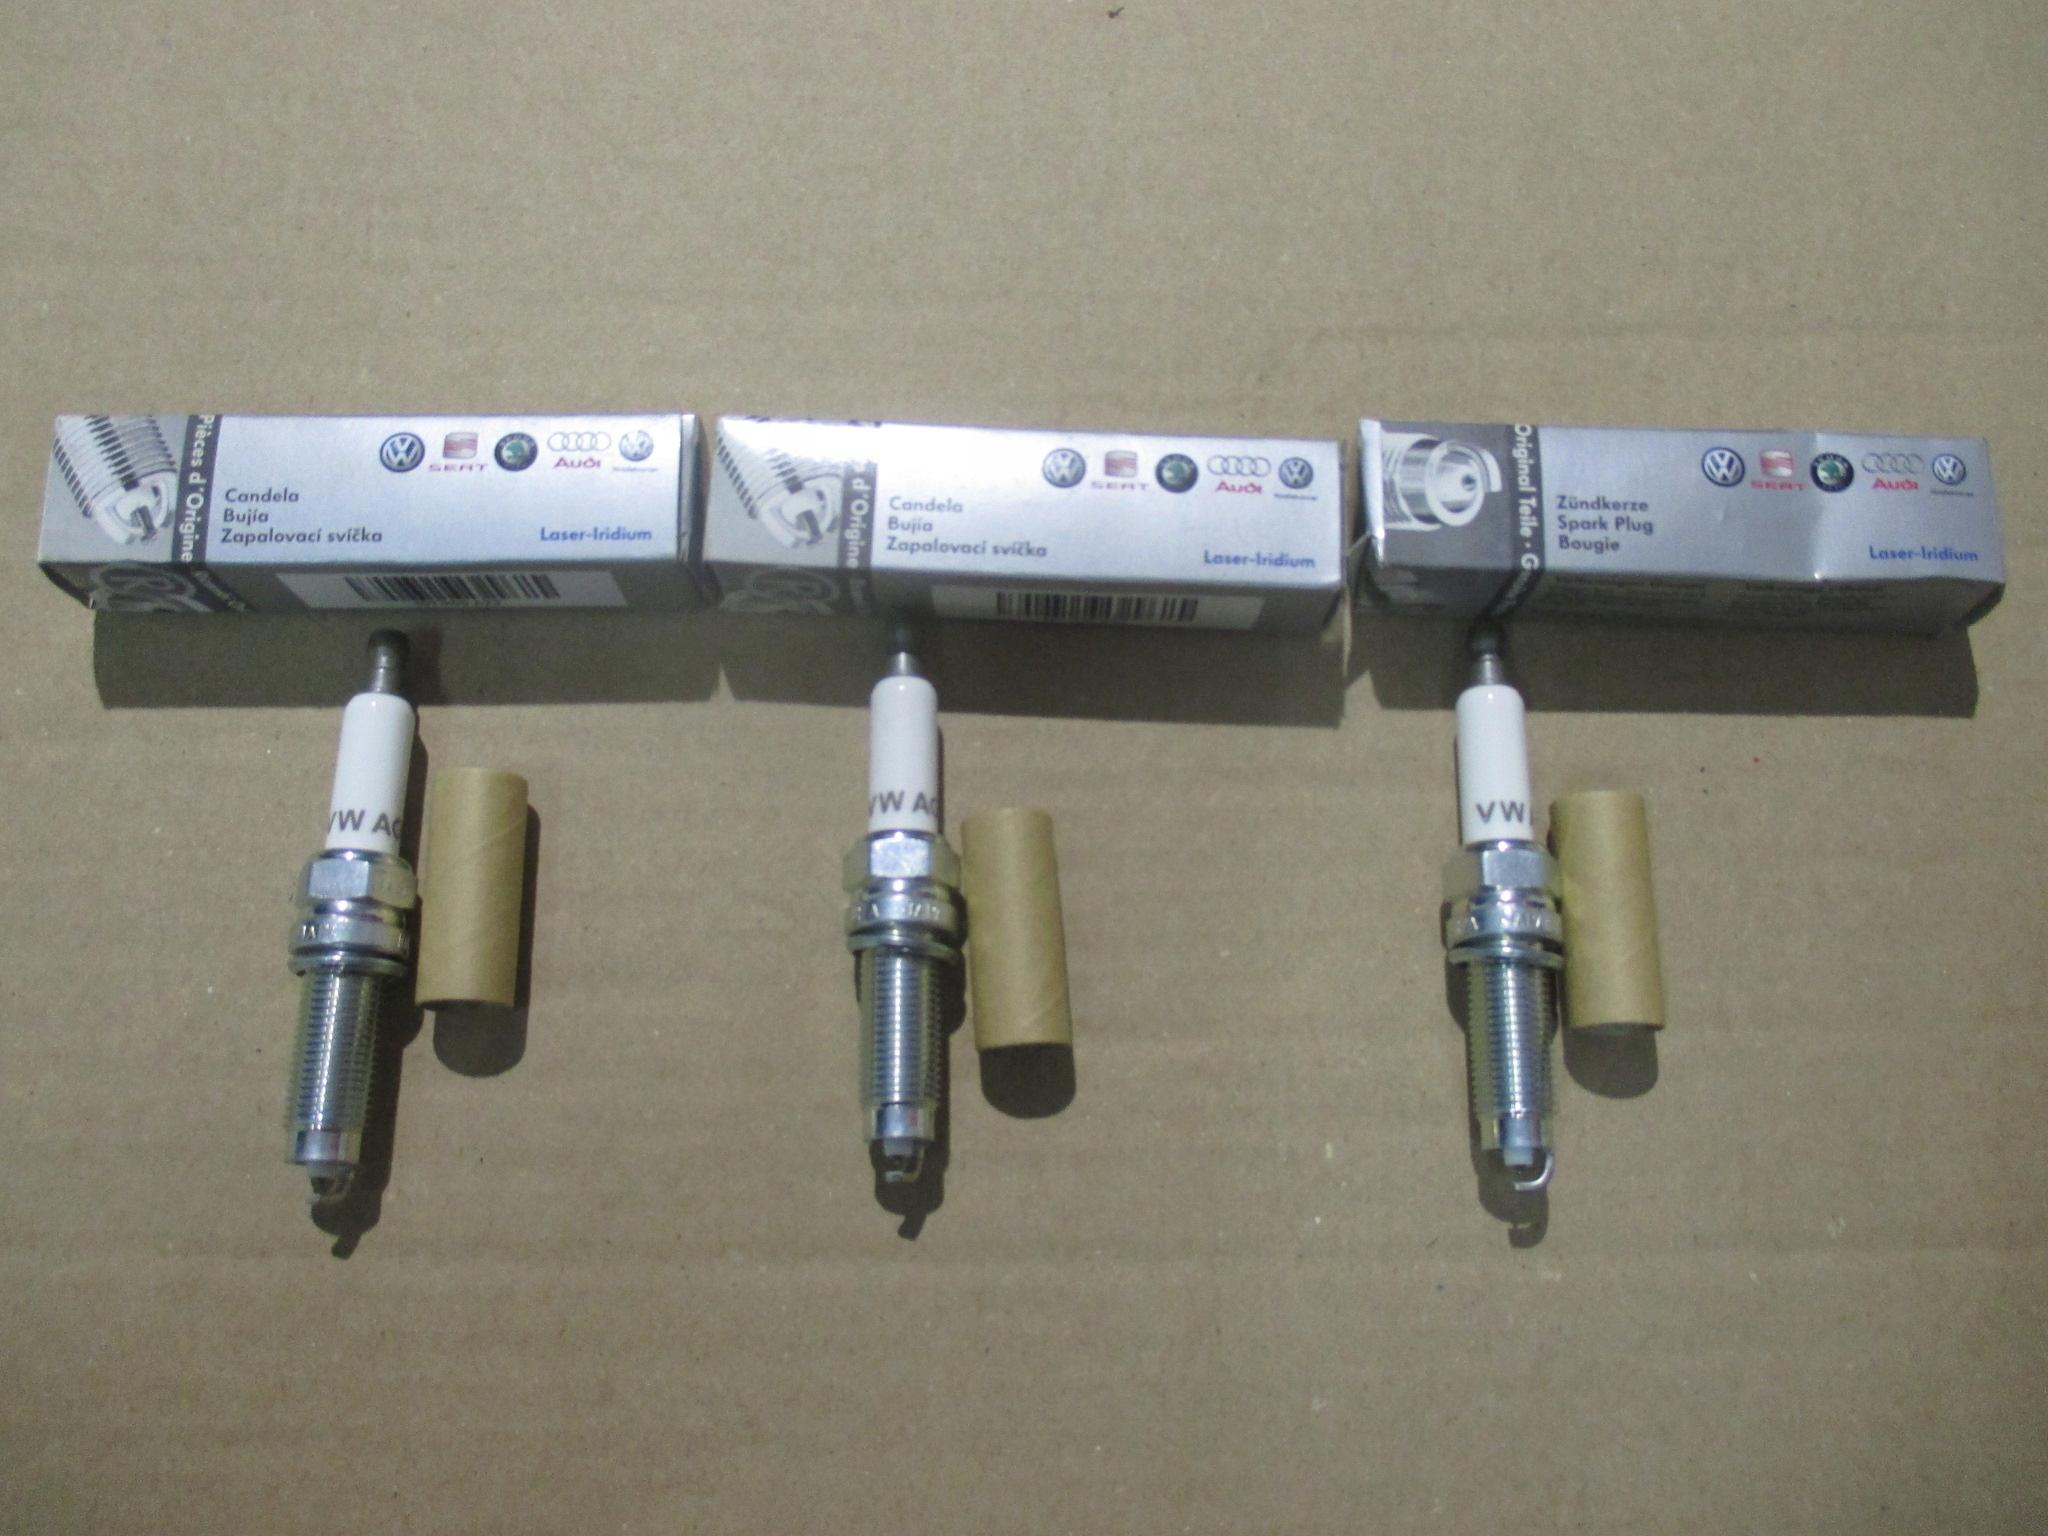 6 X CANDELE NGK BKUR 6et-10 V-LINE 24-3045 AUDI SEAT SKODA VW